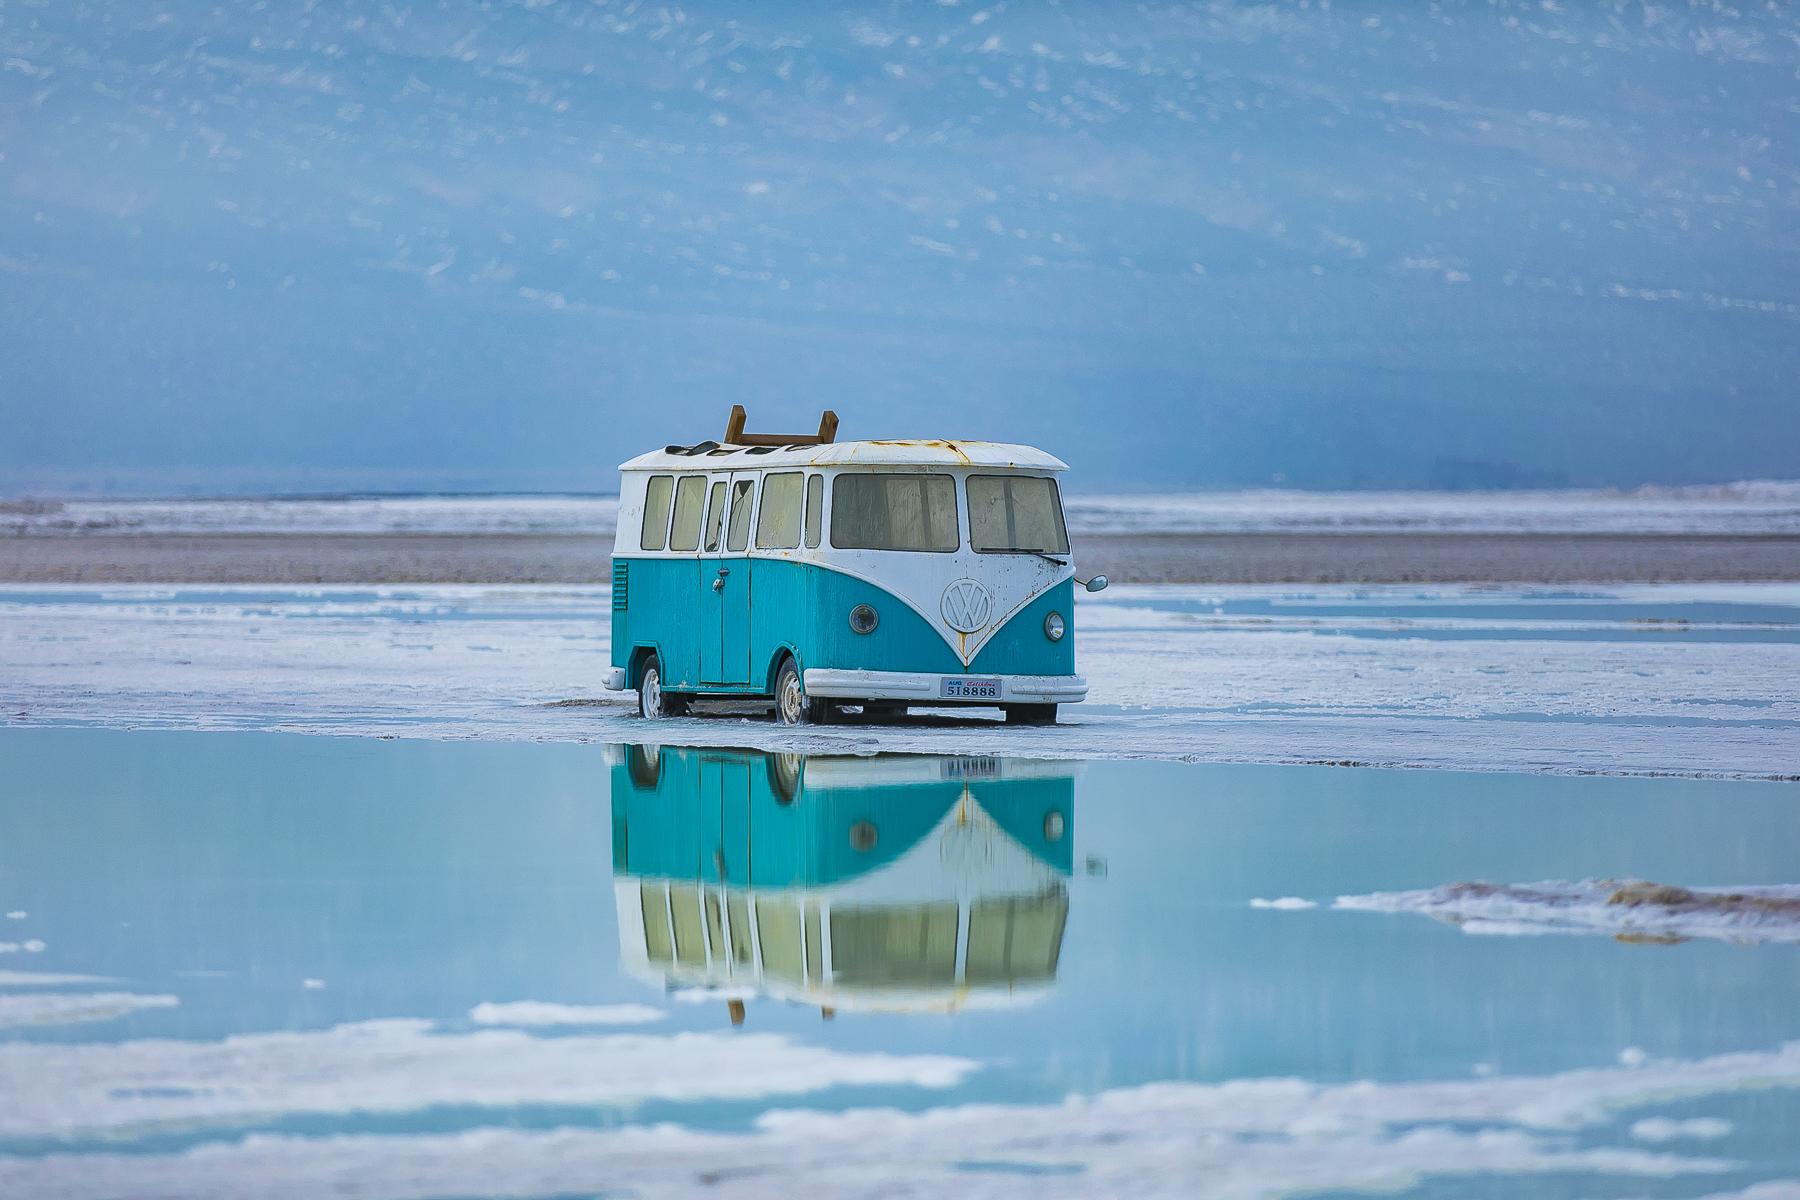 <b>冬天一定要去一次新疆,邂逅贝加尔湖同款秘境,媲美北欧童话世界</b>